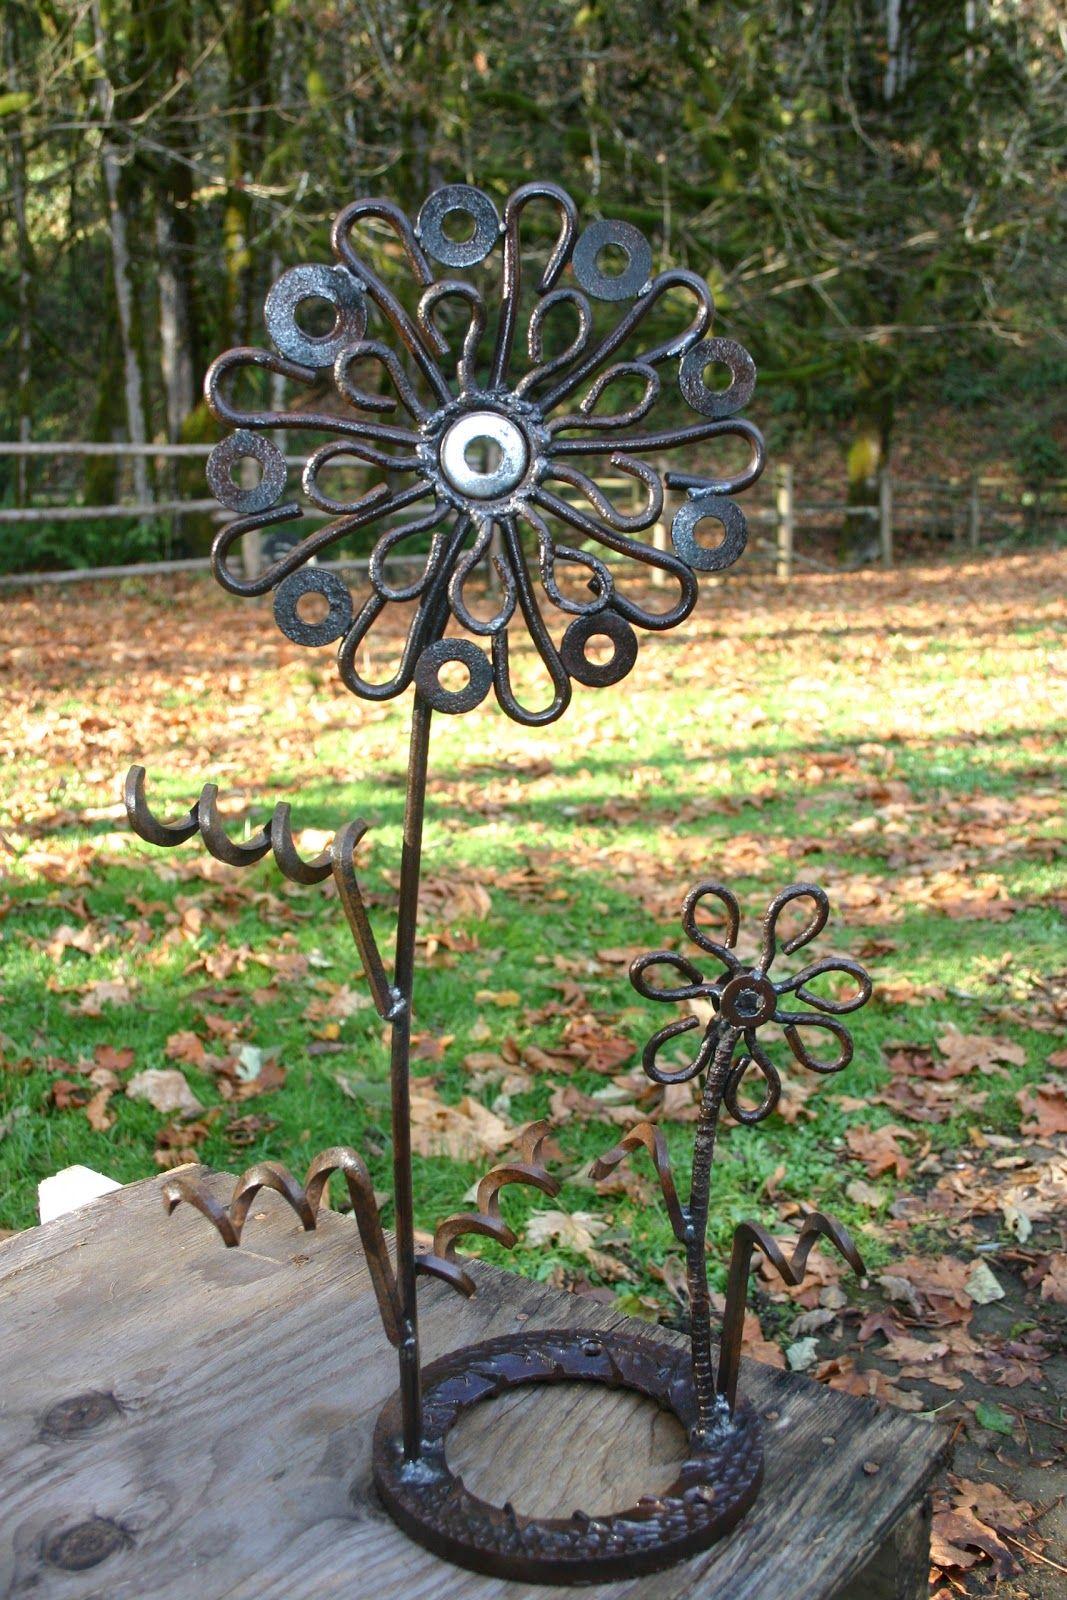 Pin By Larry Horton On Metal Welding Stuff Scrap Metal